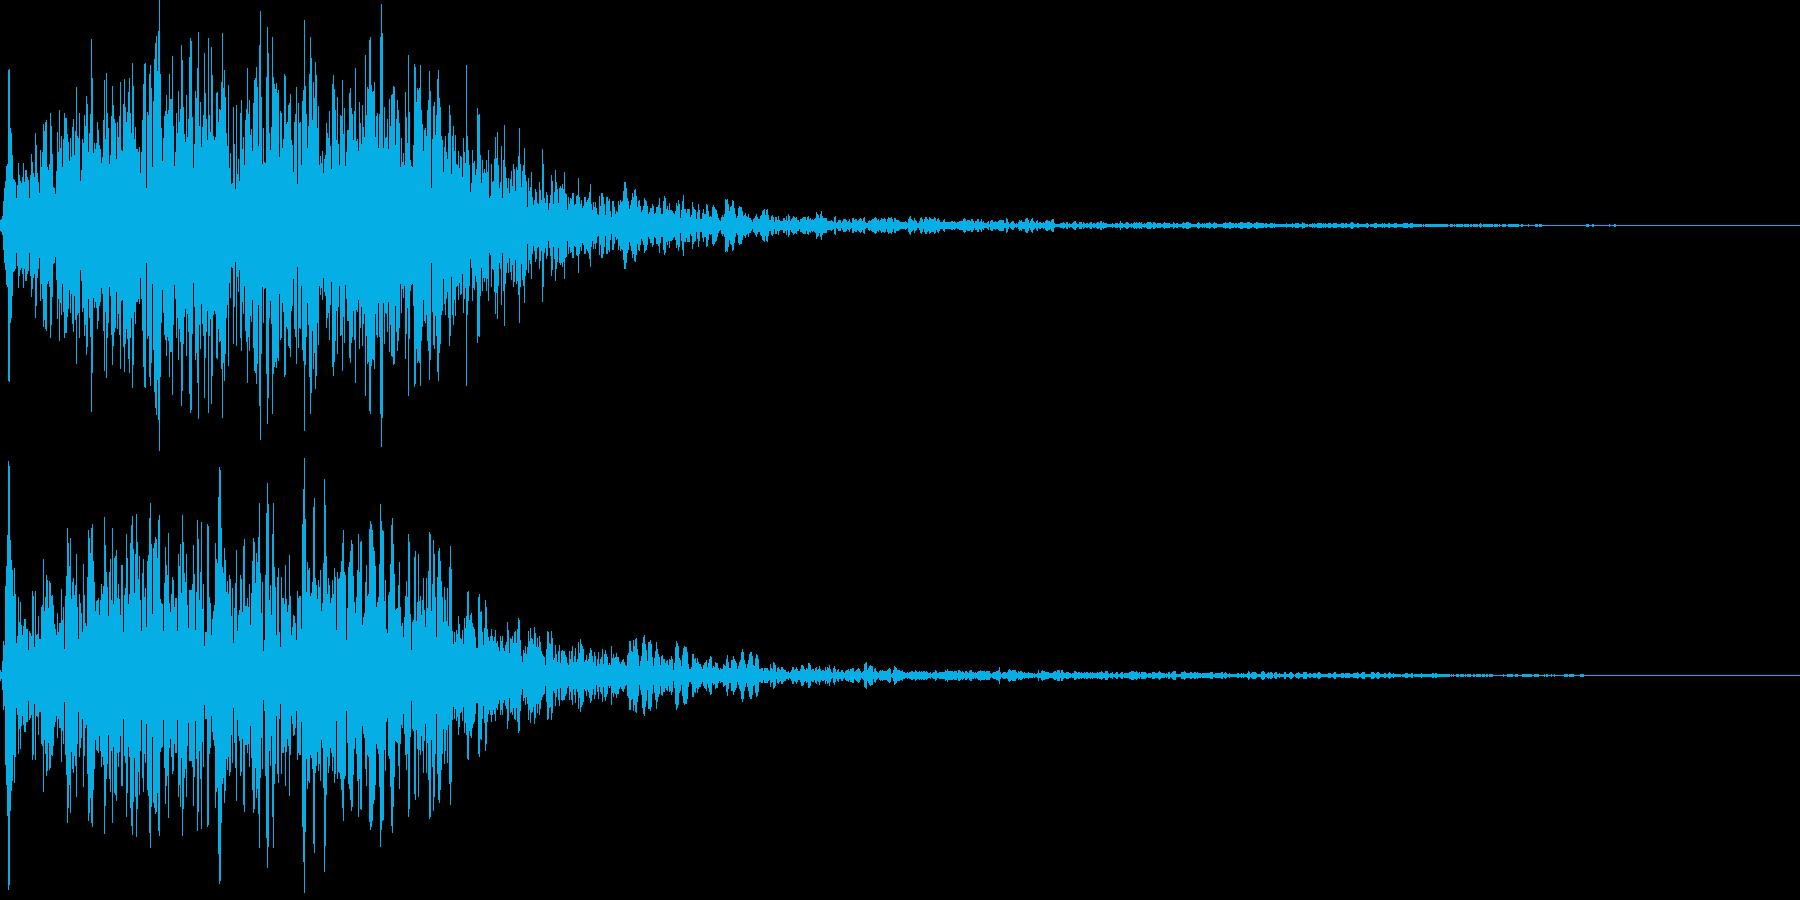 吹きすさぶ風・竜巻系の魔法(中2)sの再生済みの波形